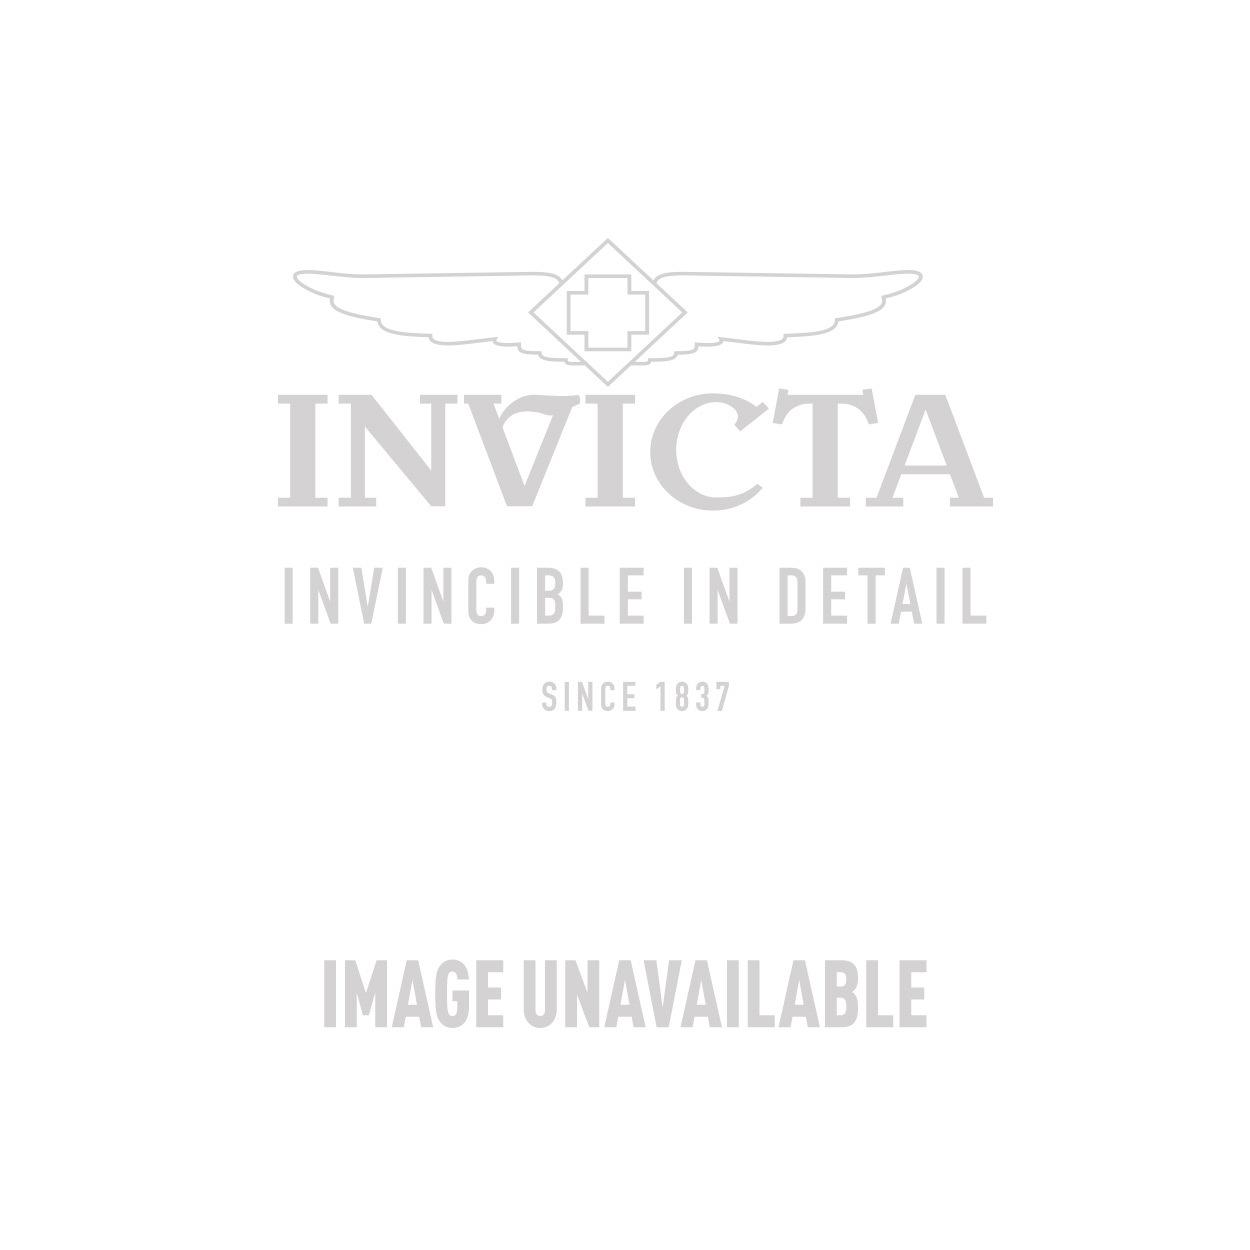 Invicta Model 25237